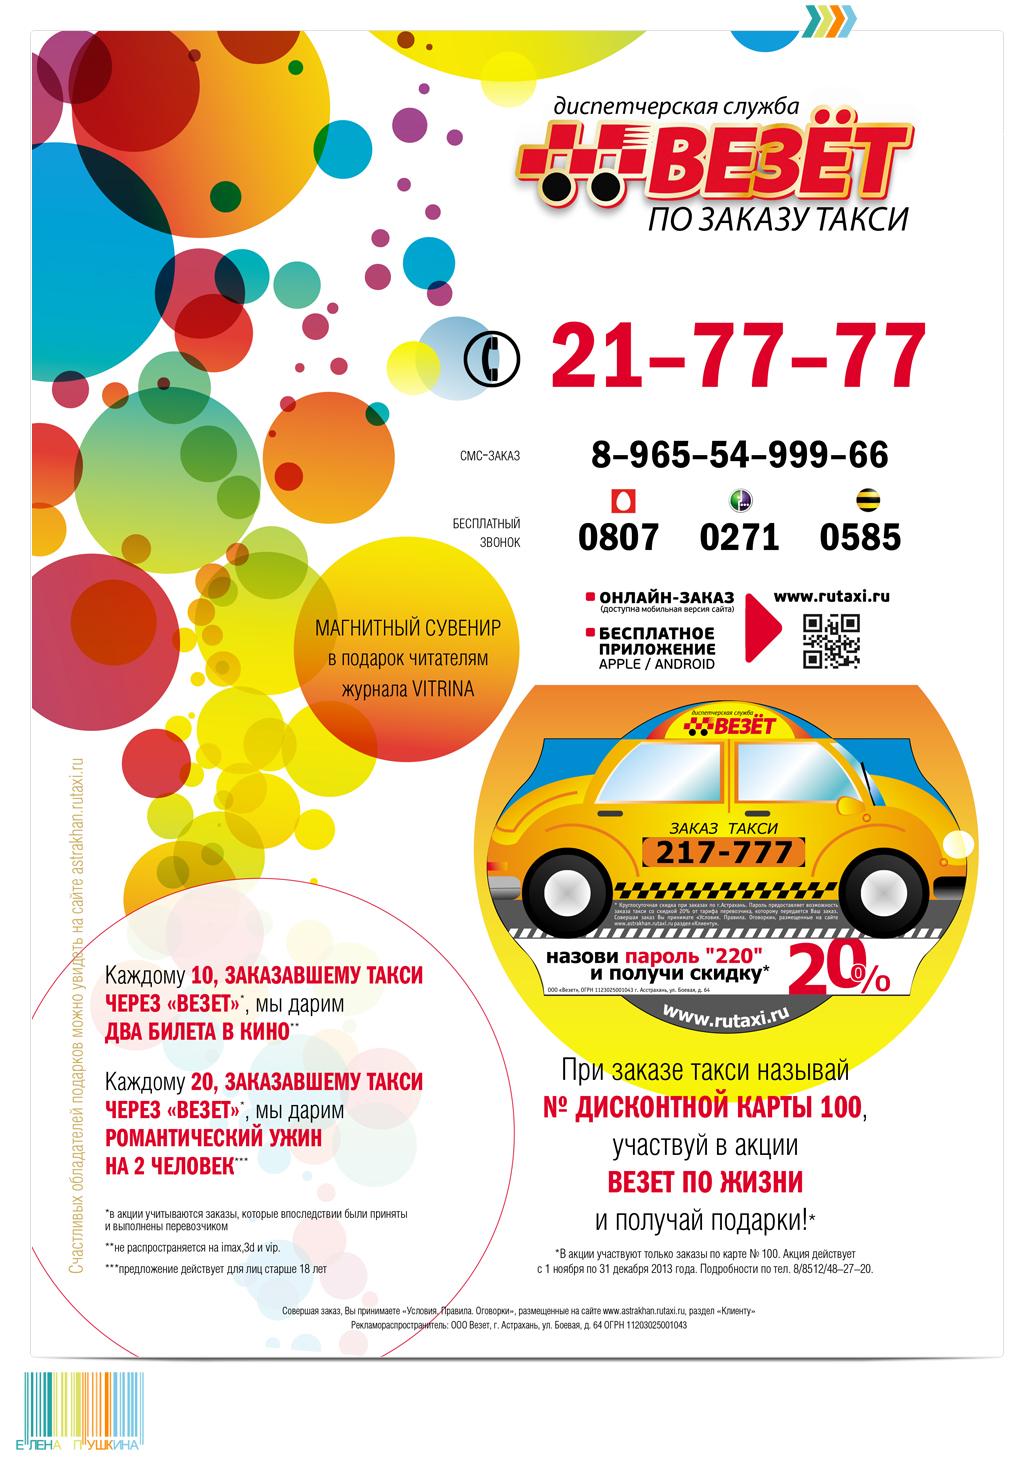 Дизайн рекламной листовки длякомпании «Везёт Такси» Дизайн листовок Портфолио